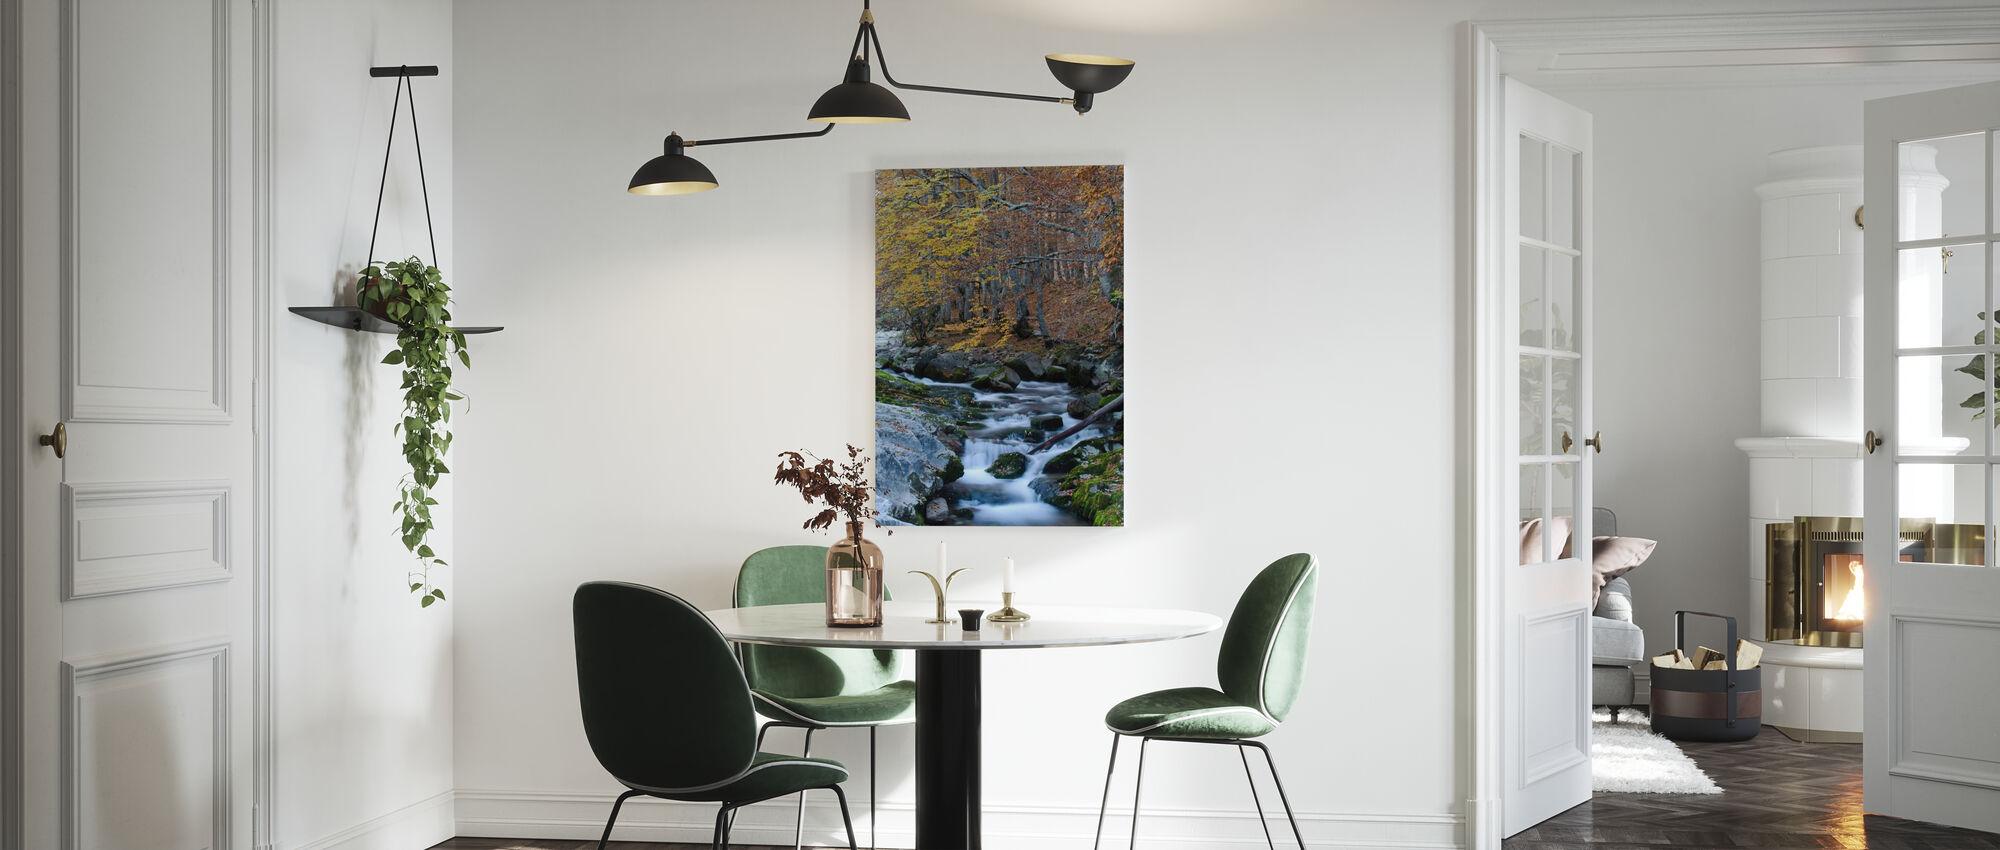 Woud Herfstwater - Canvas print - Keuken